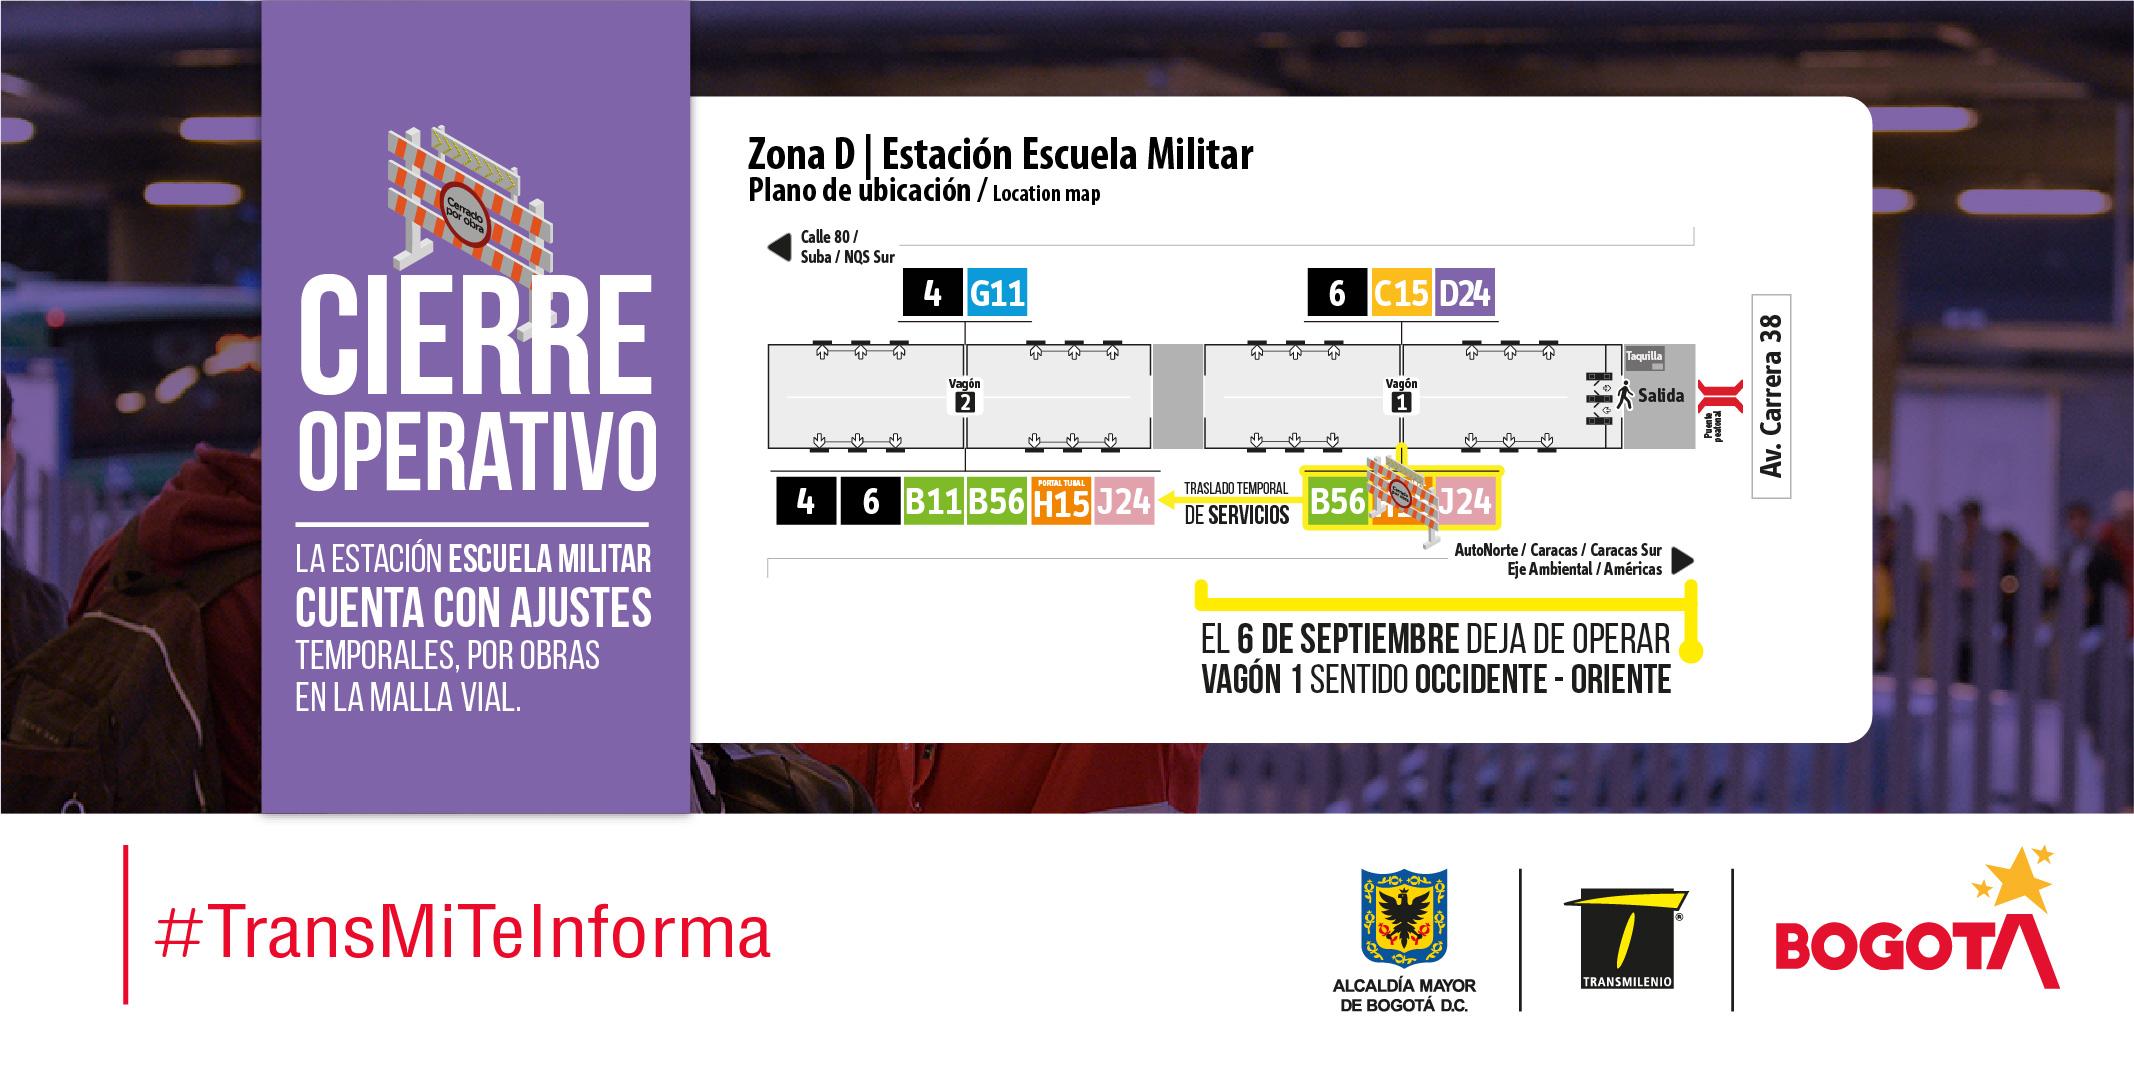 Plano de estación Escuela Militar, ubicación de paradas de servicios troncales